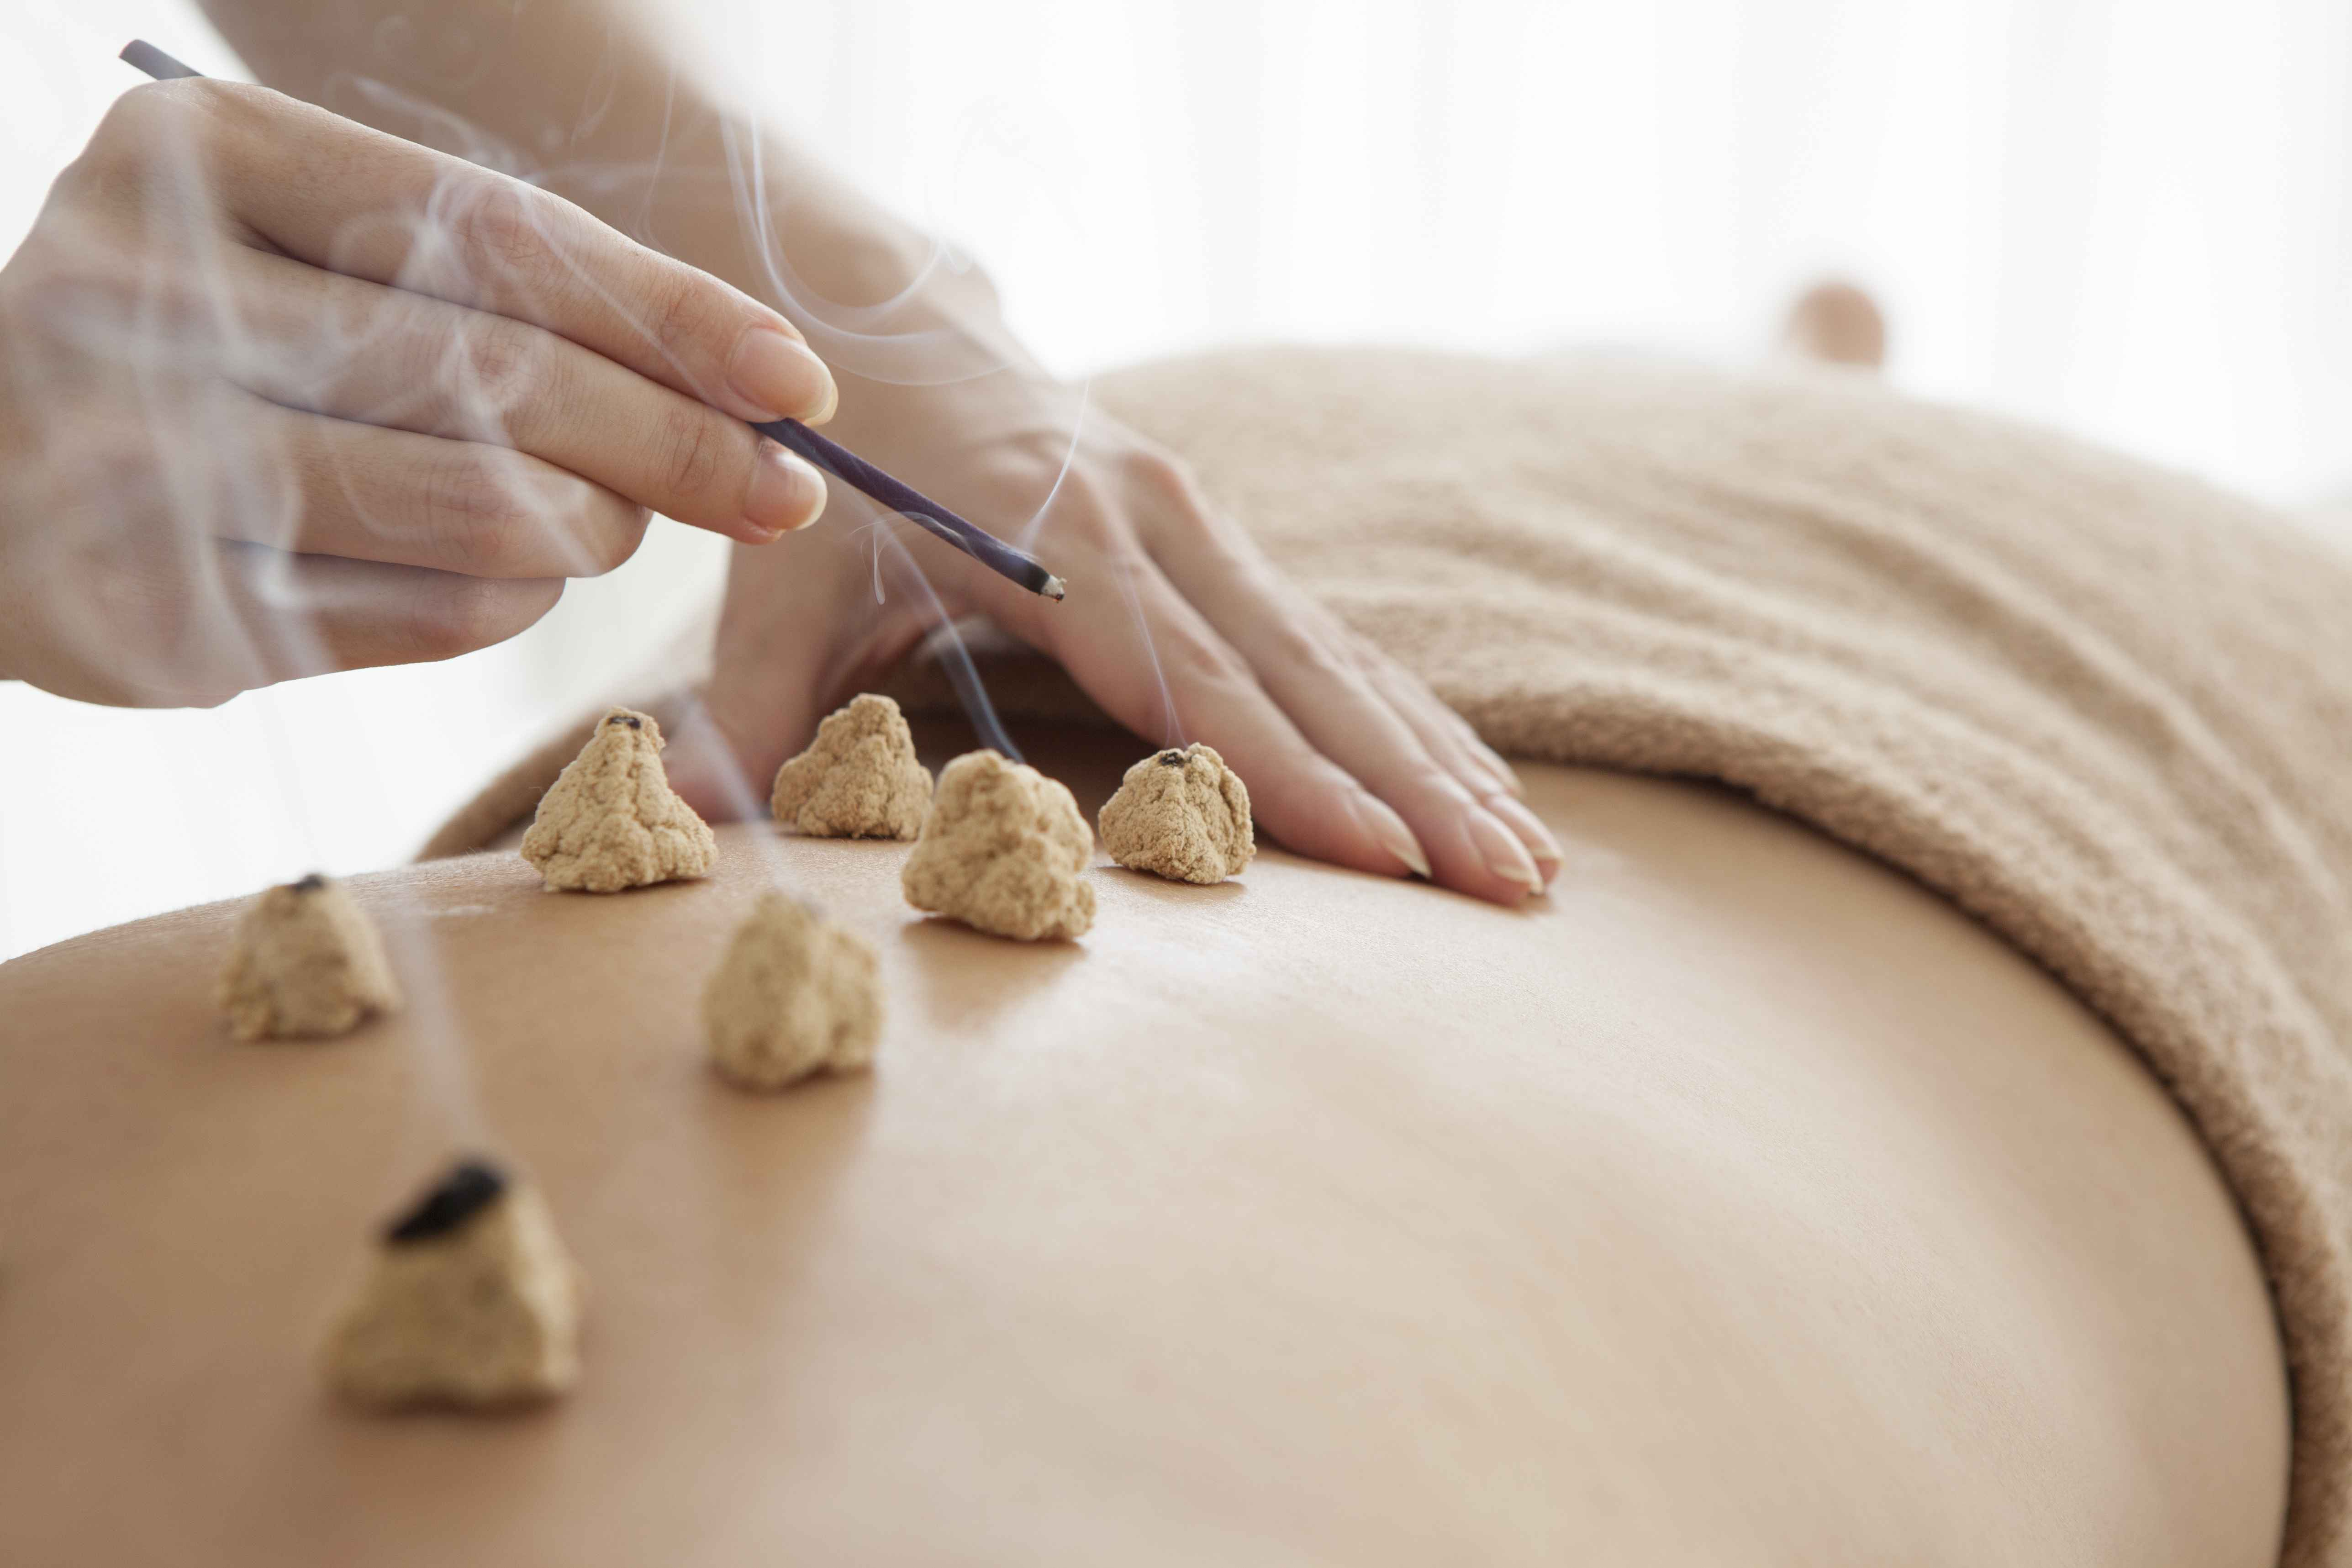 艾灸的好处与功效女人 女人艾灸的好处和坏处